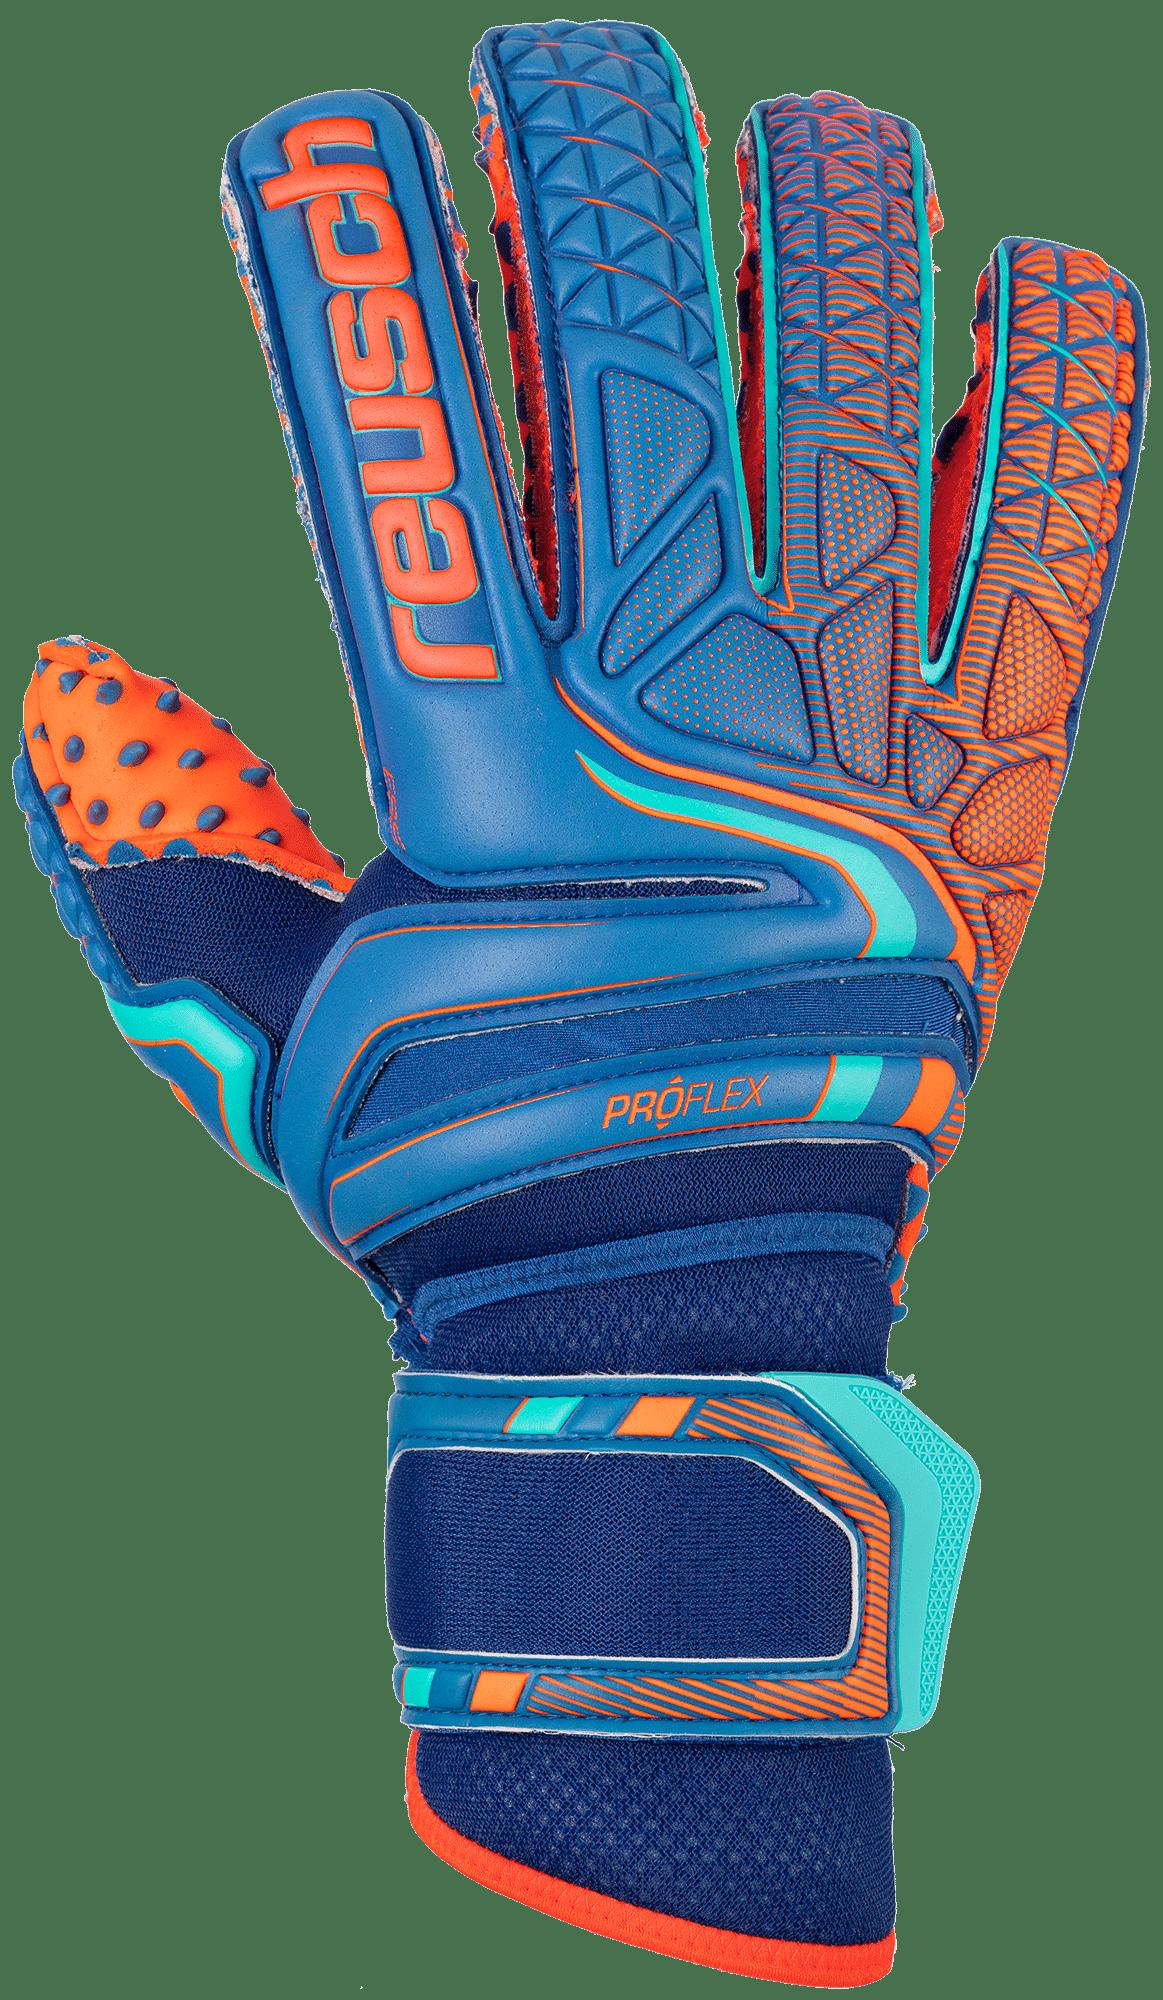 gants-reusch-G3-speedbump-v2-footpack-8